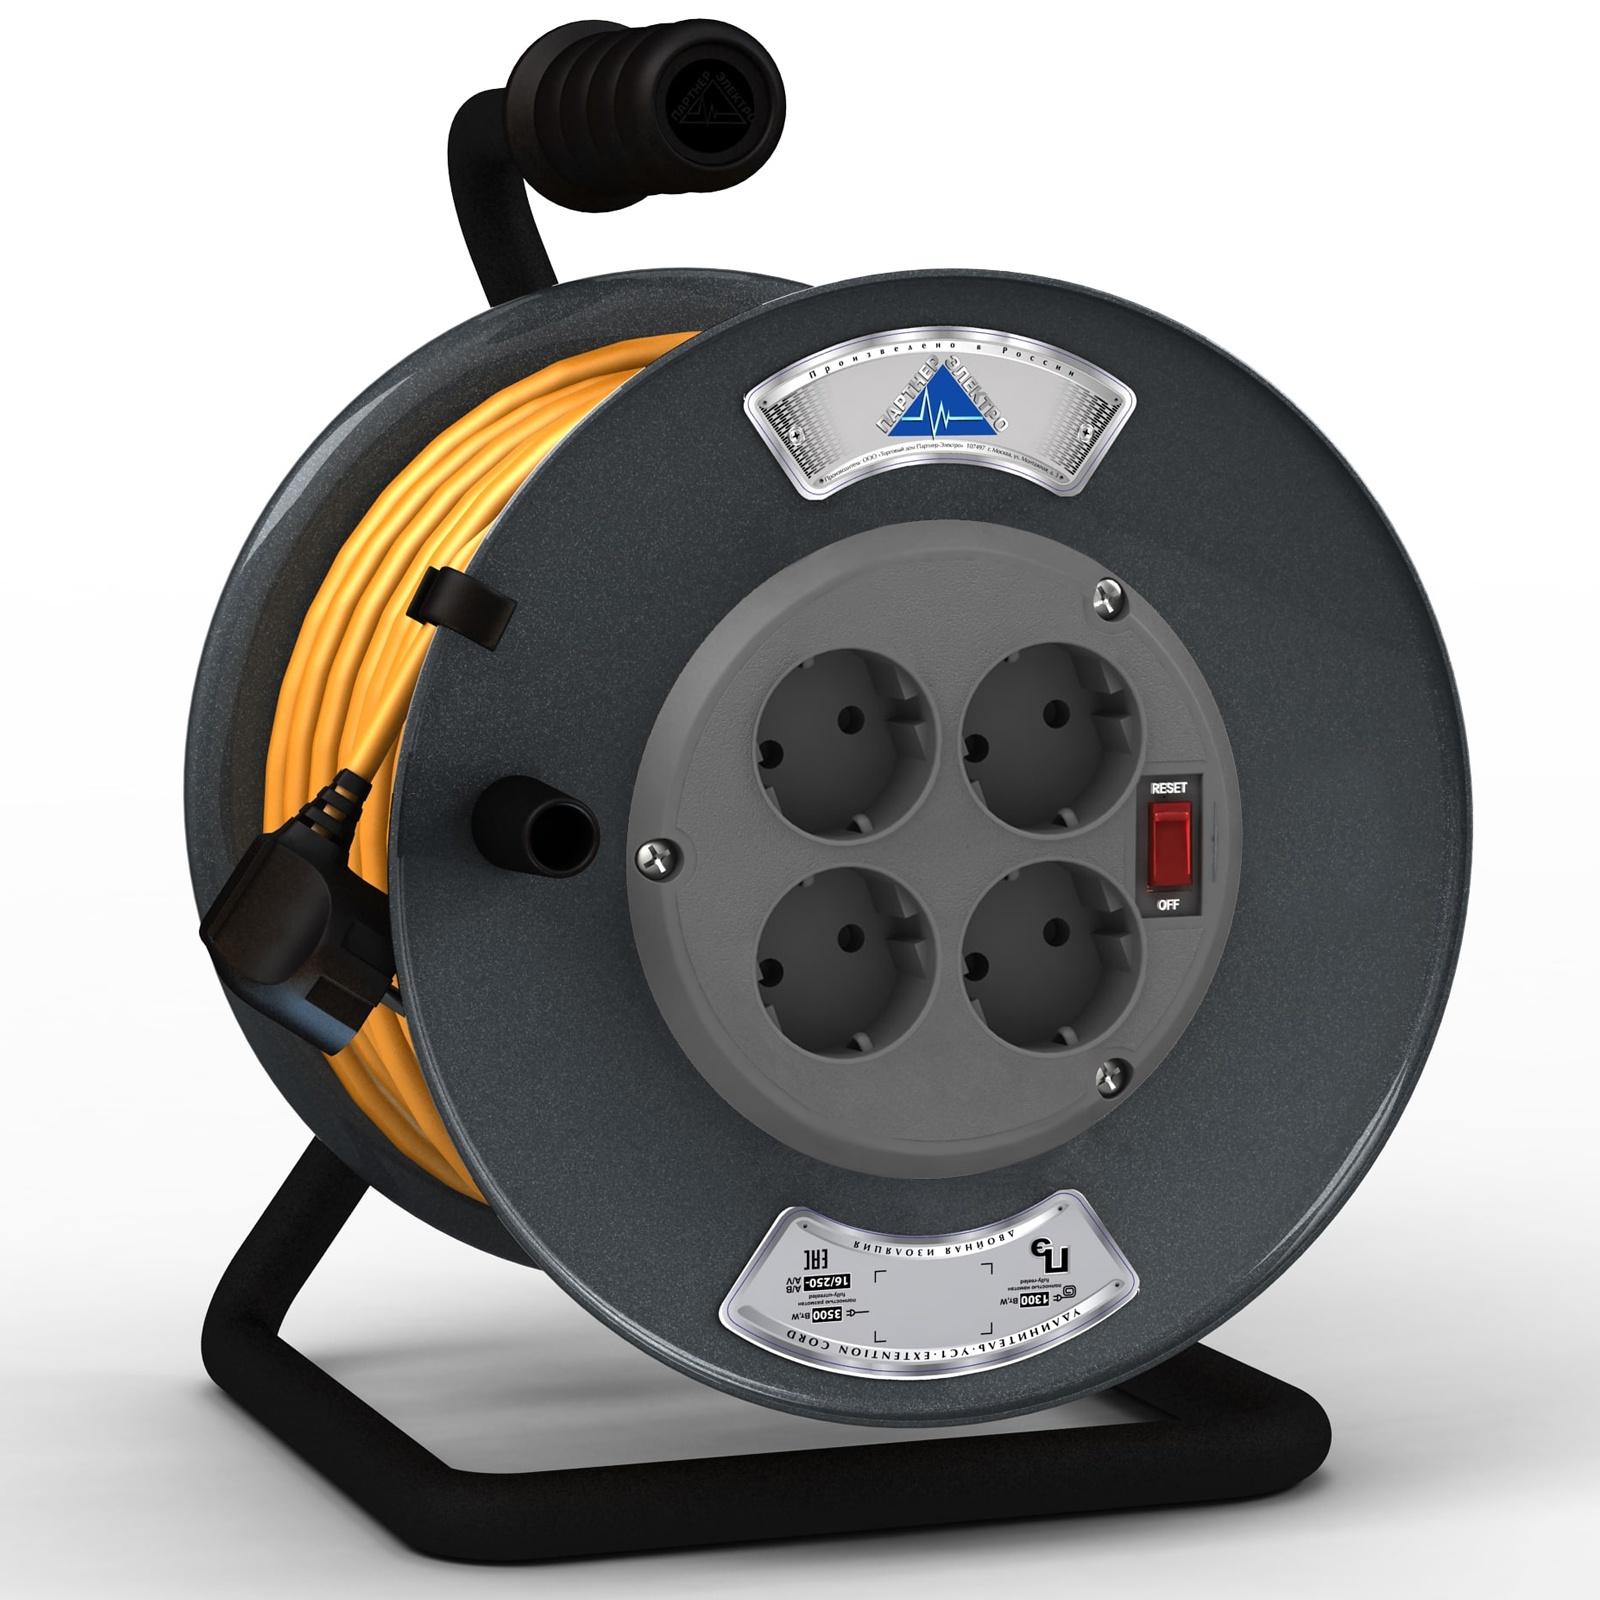 Удлинитель Партнер-Электро ПВС 3х1,5 ГОСТ,4гнезда,на металлической катушке,16A,30 метров